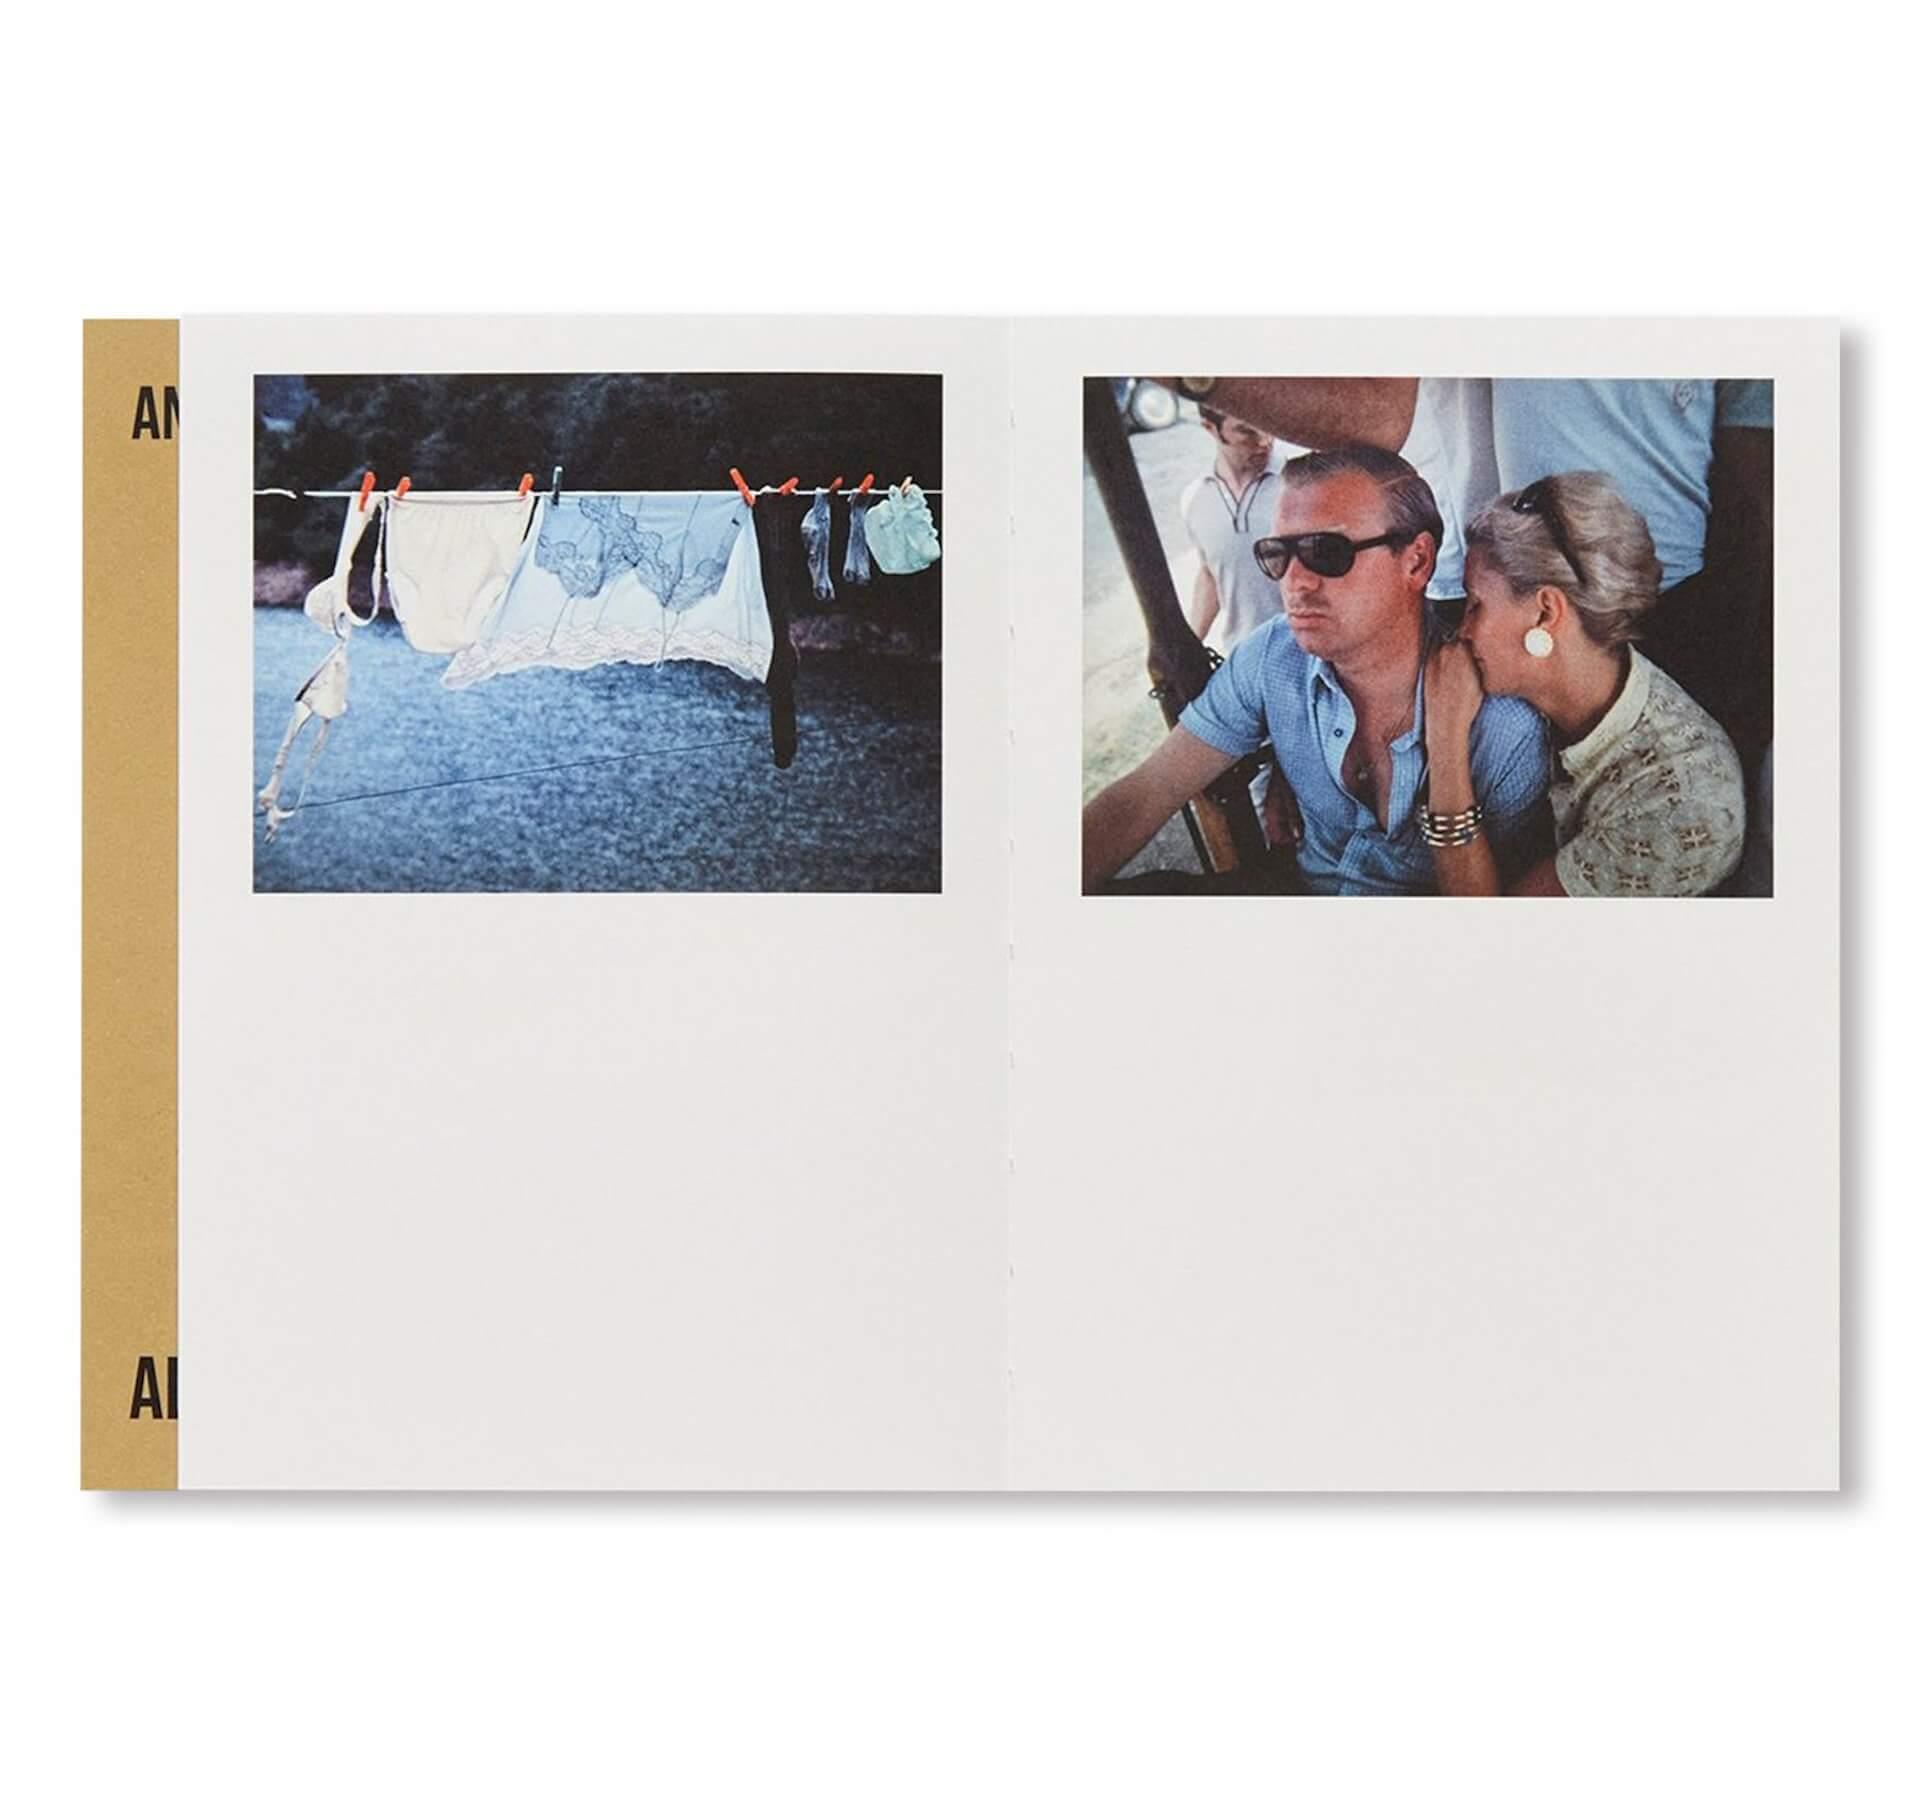 アートブックノススメ|Qetic編集部が選ぶ4冊/Alberto di Lenardo, Carlotta di Lenardo他 column210521_artbook-03